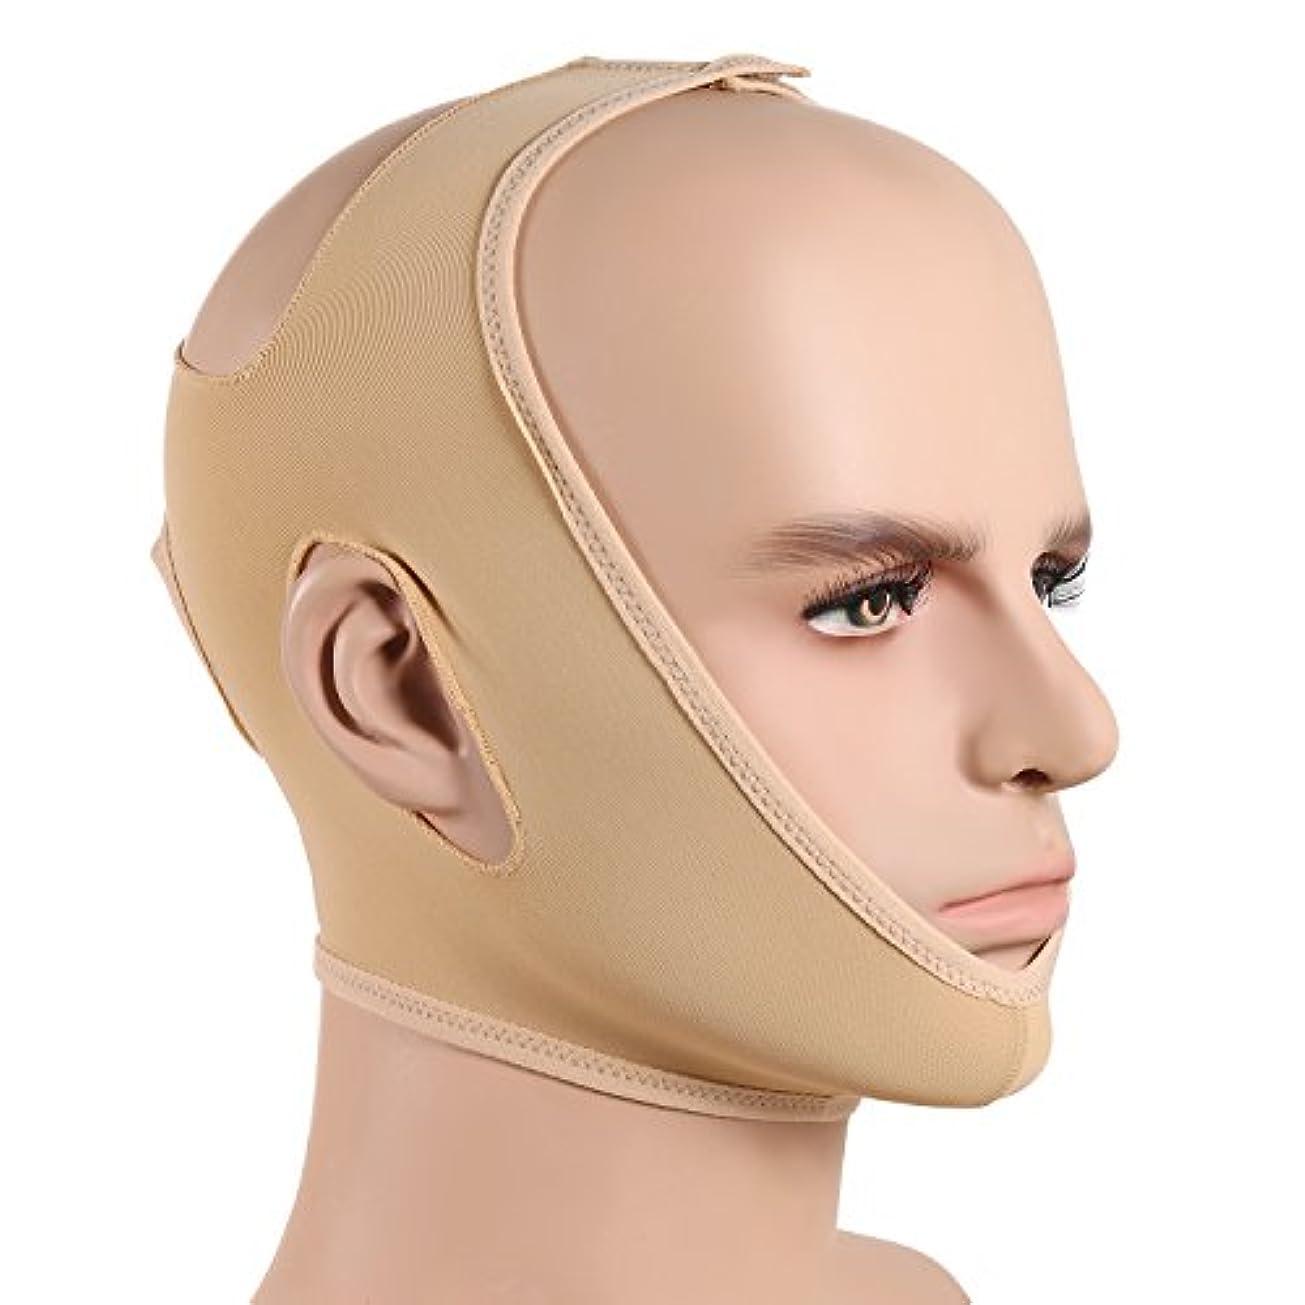 エキス世界スリムJewelryWe 小顔ベルト 美顔マスク 眠りながら 小顔 矯正 額、顎下、頬リフトアップ 小顔マスク 男女兼用 Mサイズ